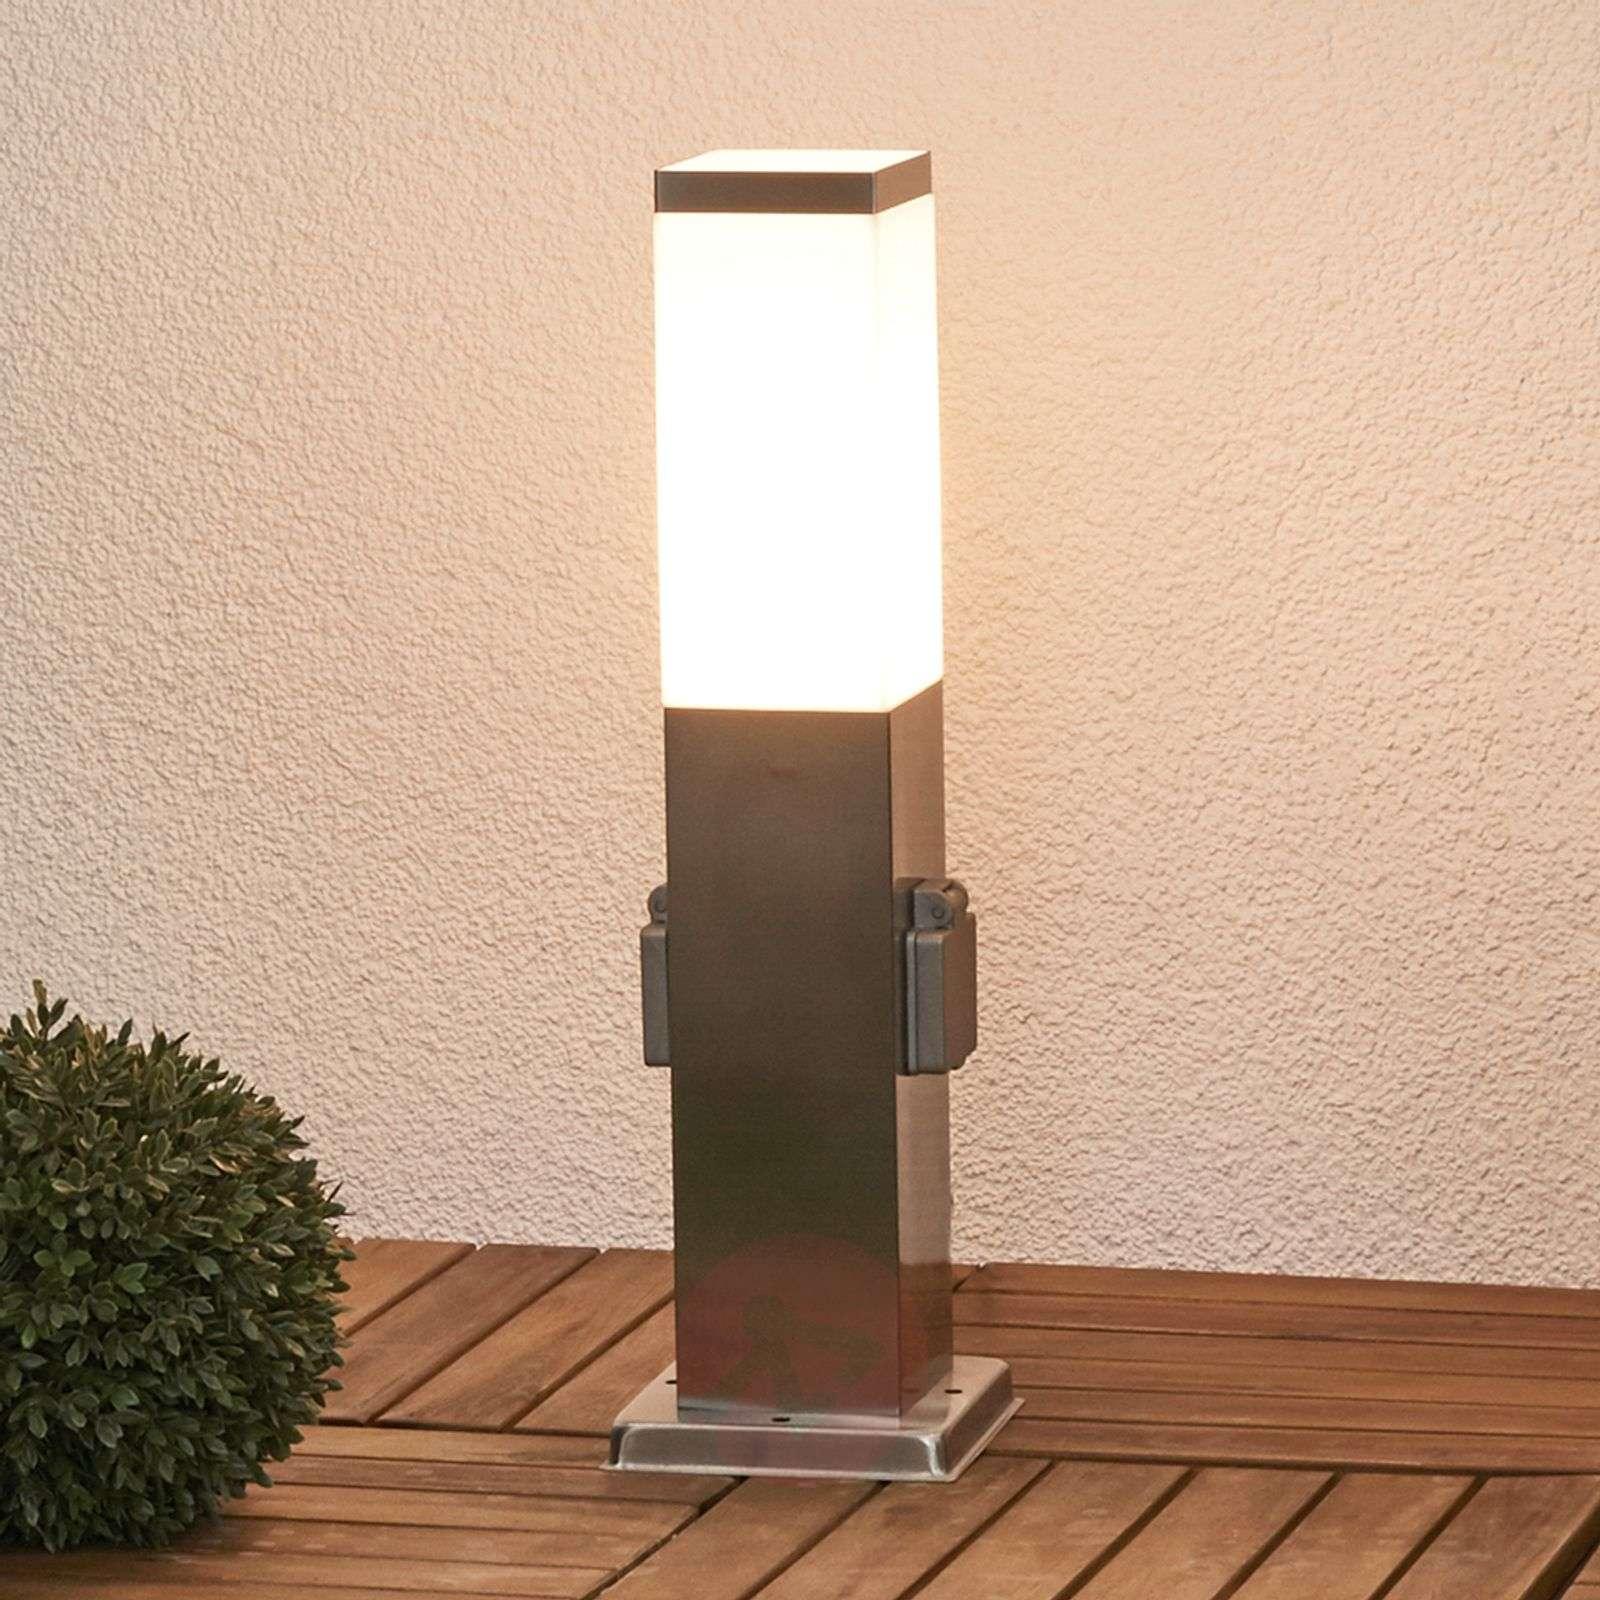 Lorian-sähkötolppa valaistuksella-9972083-02